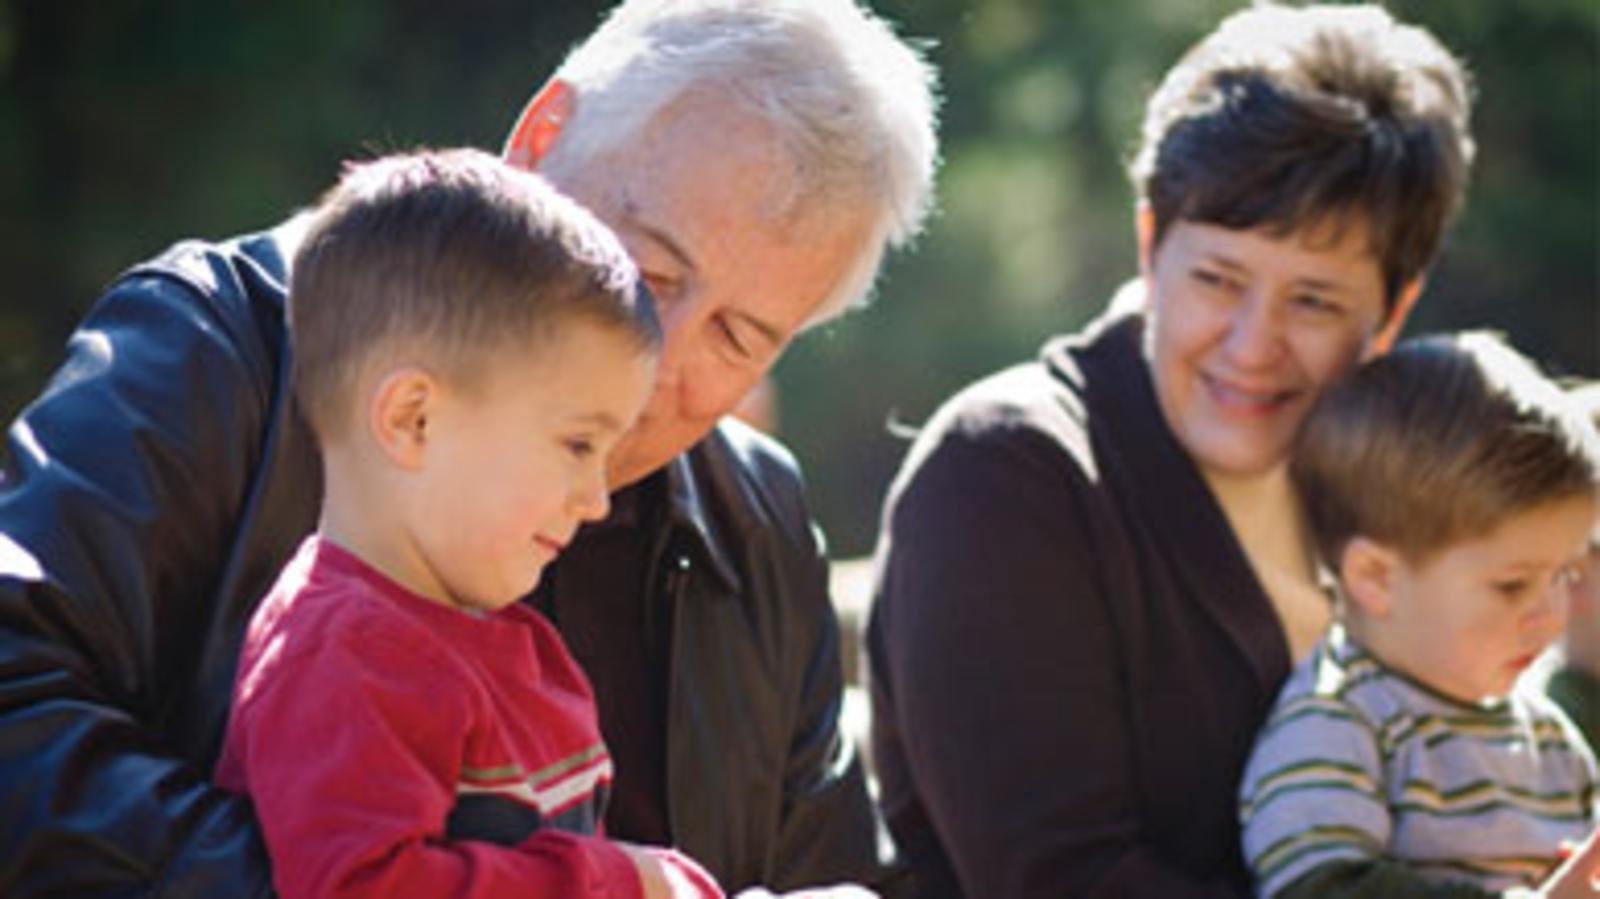 role of grandparents part 1 episode 38 2012 11 08.jpg?resize=300,169 - Estudo comprova que as crianças precisam de seus avós para crescerem felizes